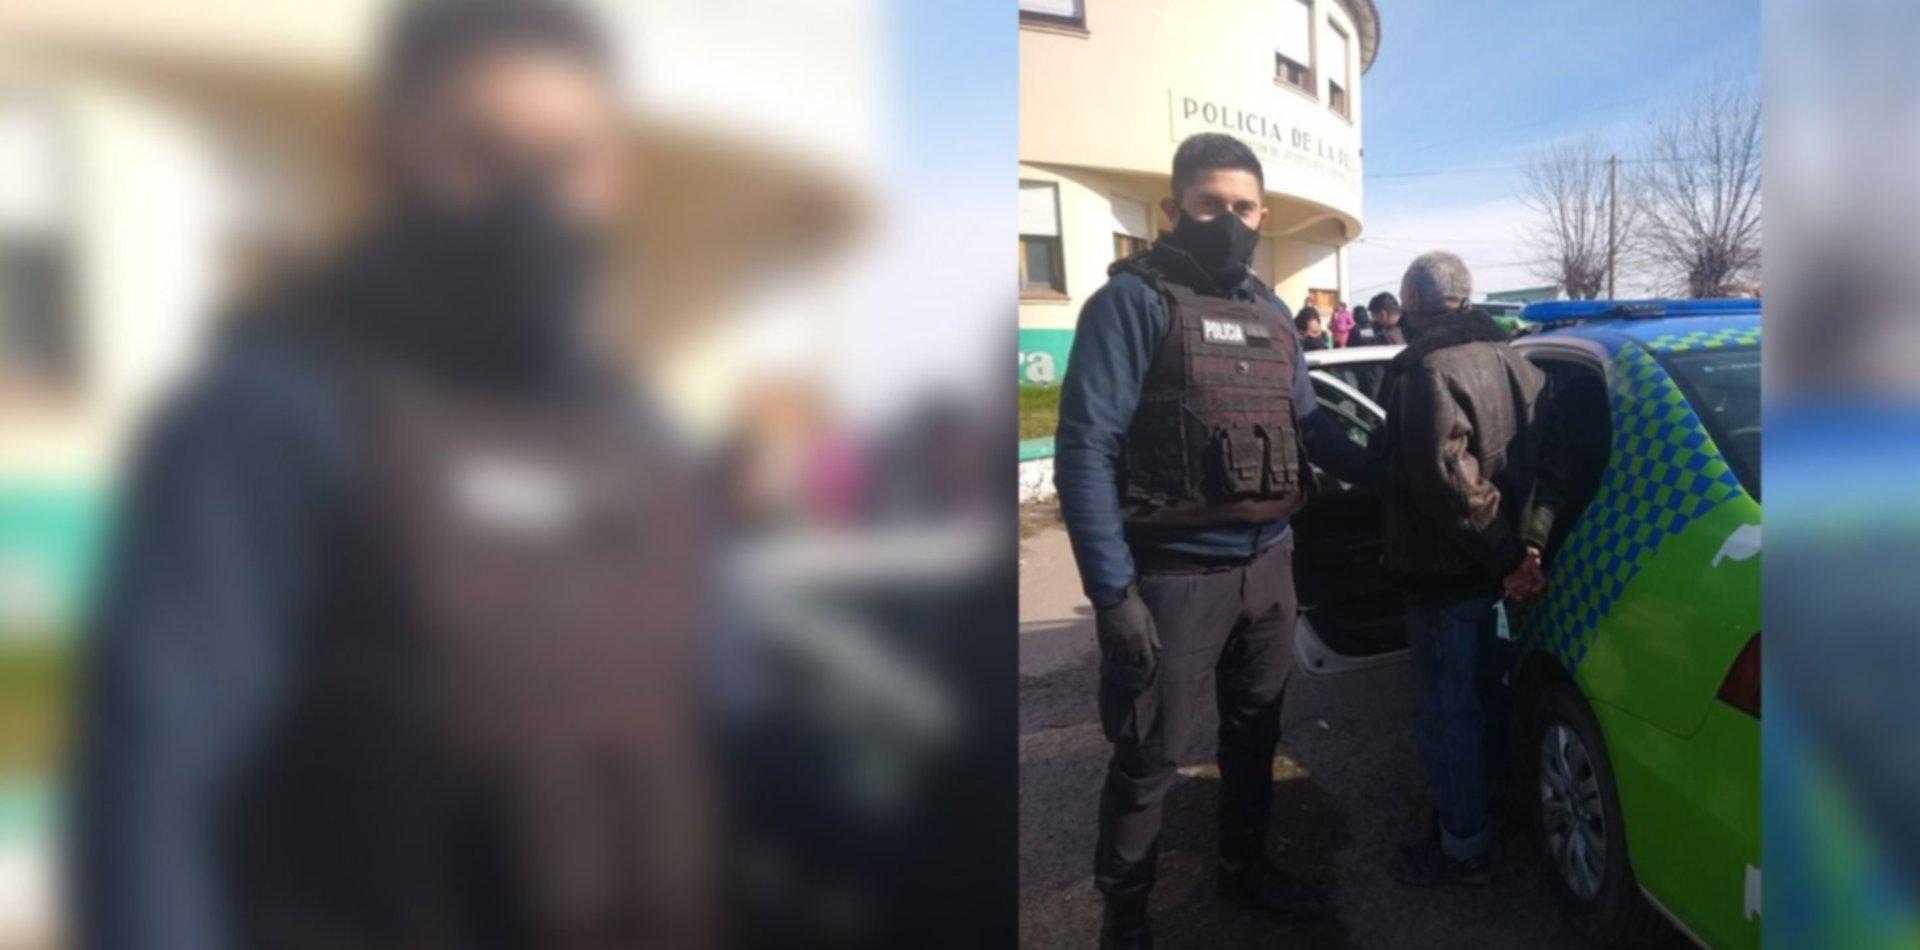 La mujer rescatada en Ensenada estaba embarazada y hacía un año que la tenían secuestrada